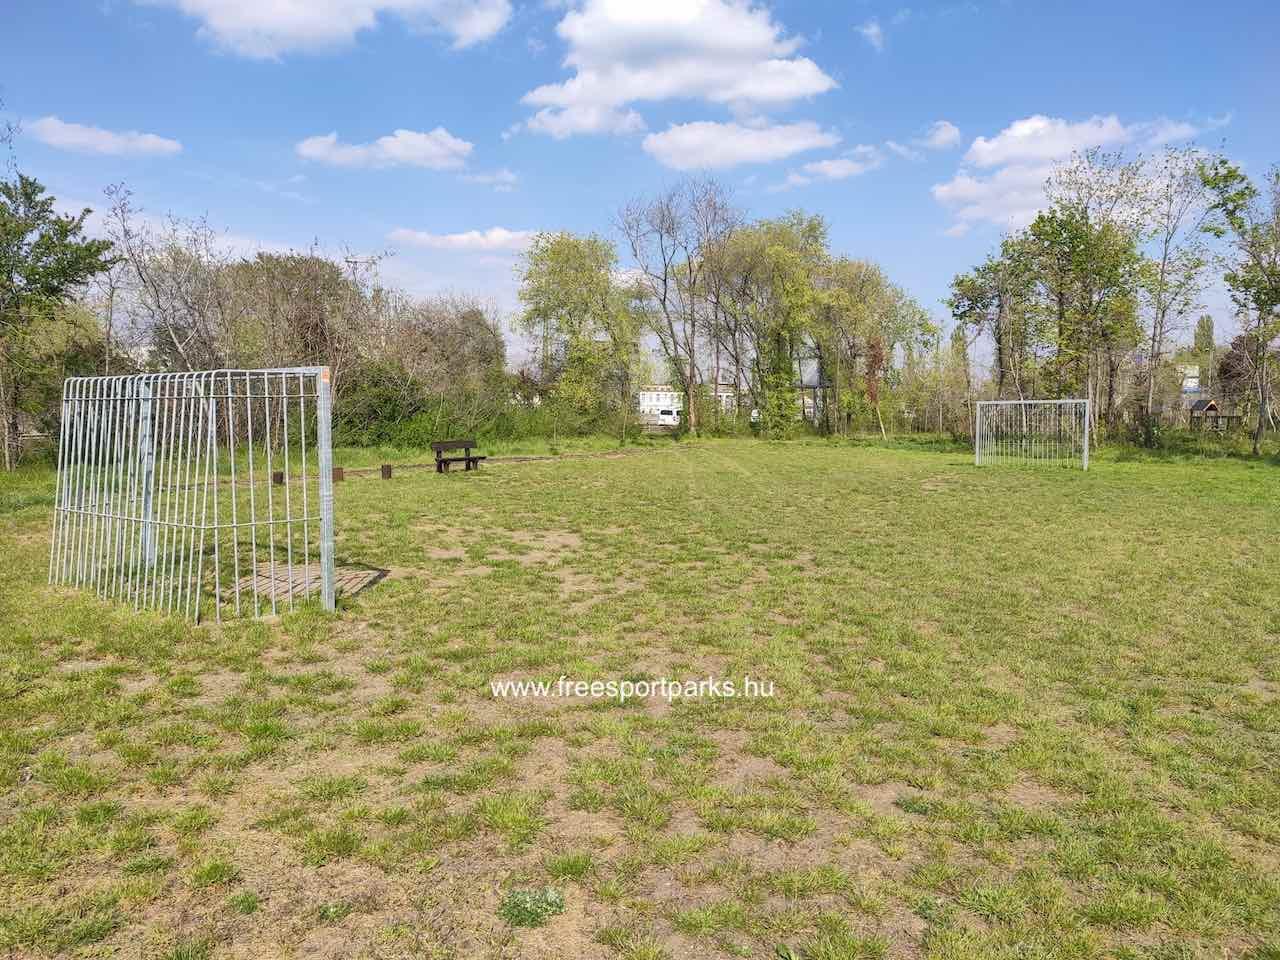 Kúttói parkerdő focipálya - Free Sport Parks térkép